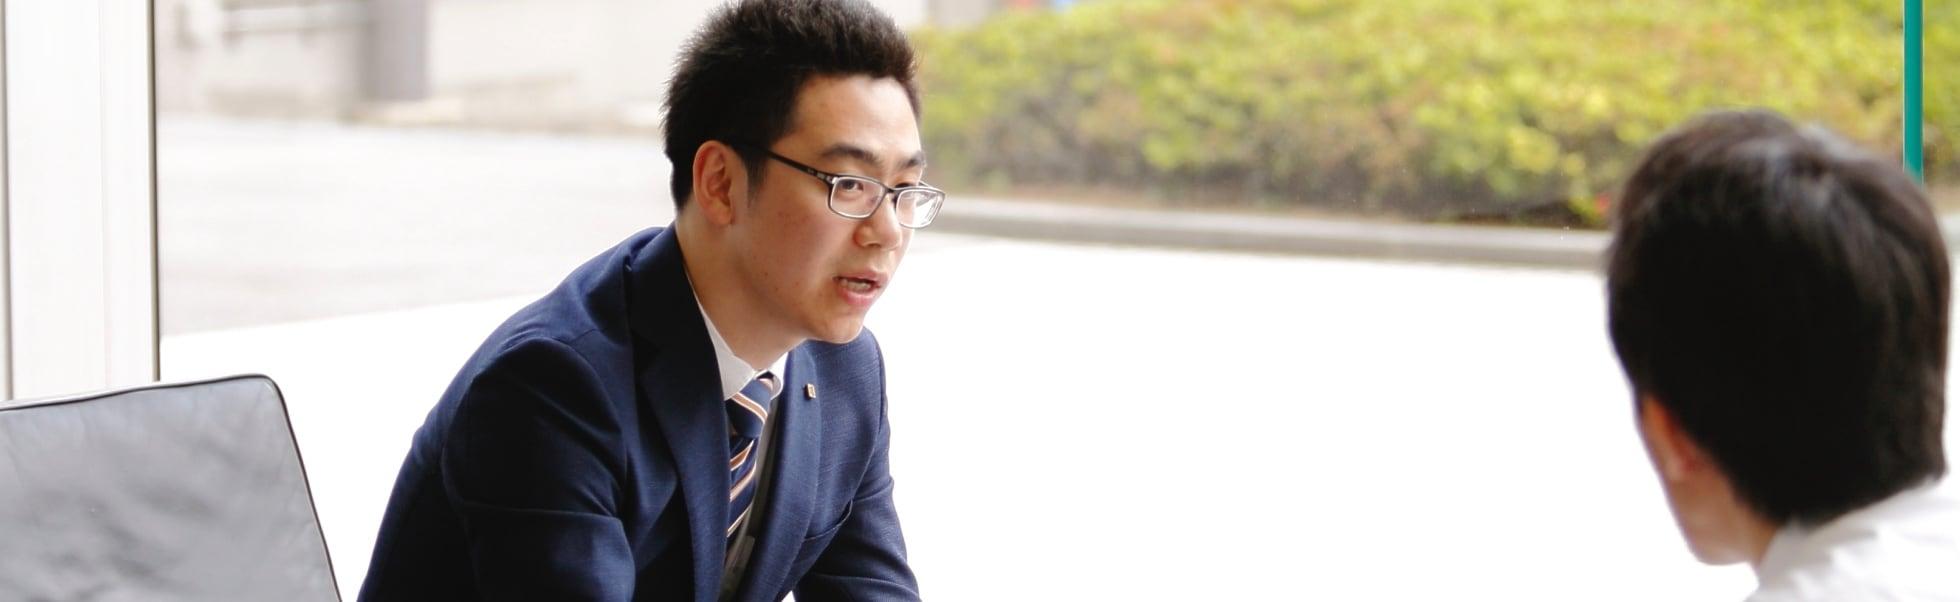 校友访谈 Xue Shenghao (中国)